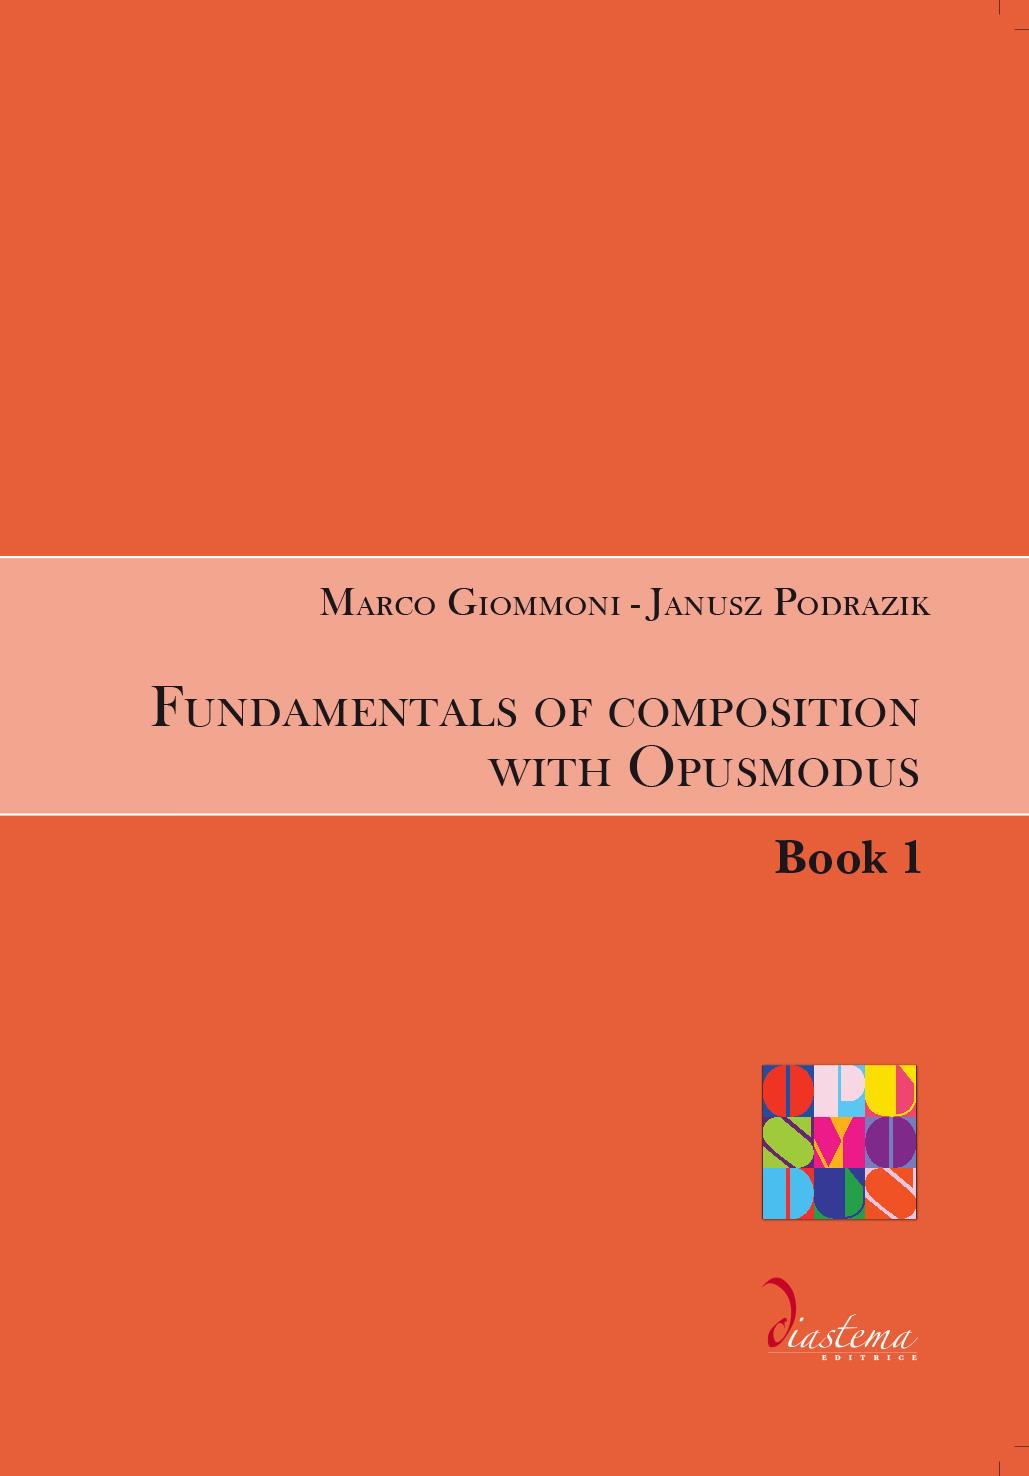 ISBN 9791280270047